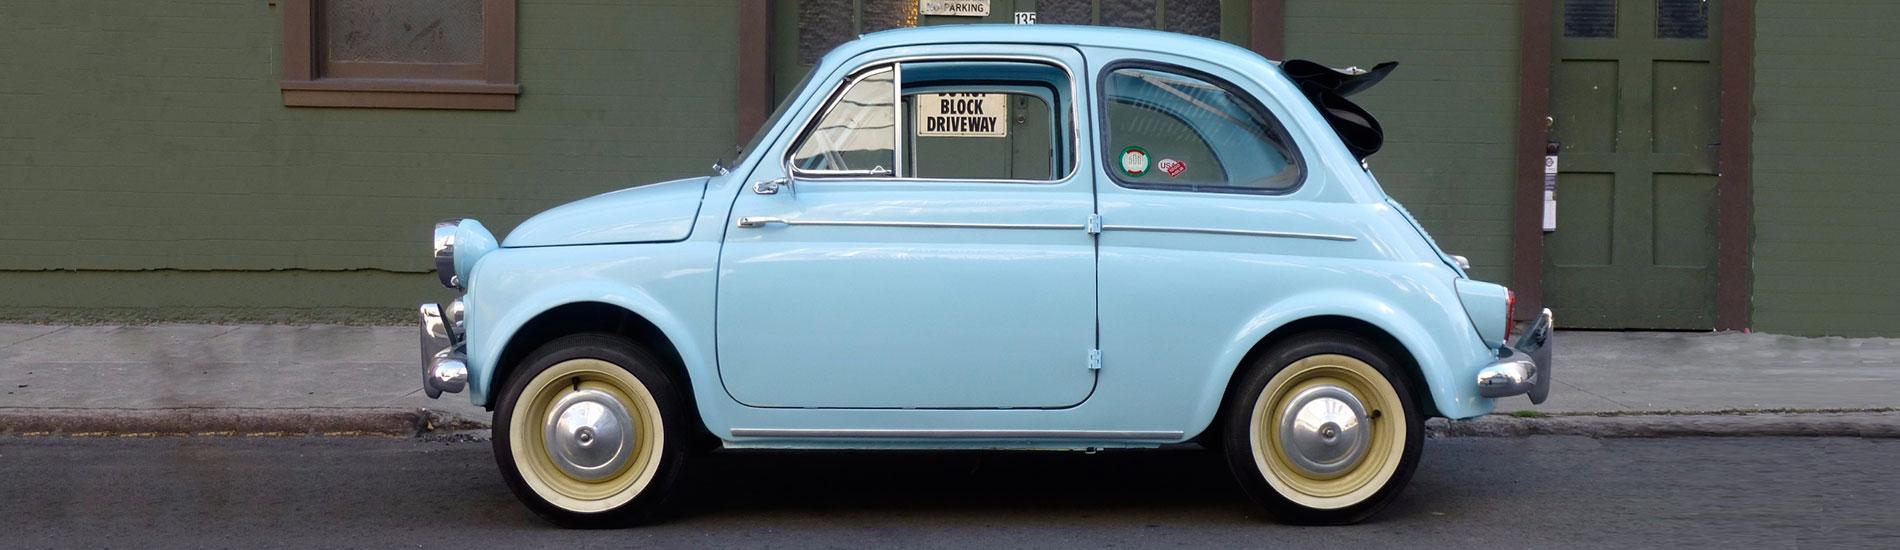 Fiat 500 America - Immagine da BringaTrailer.com